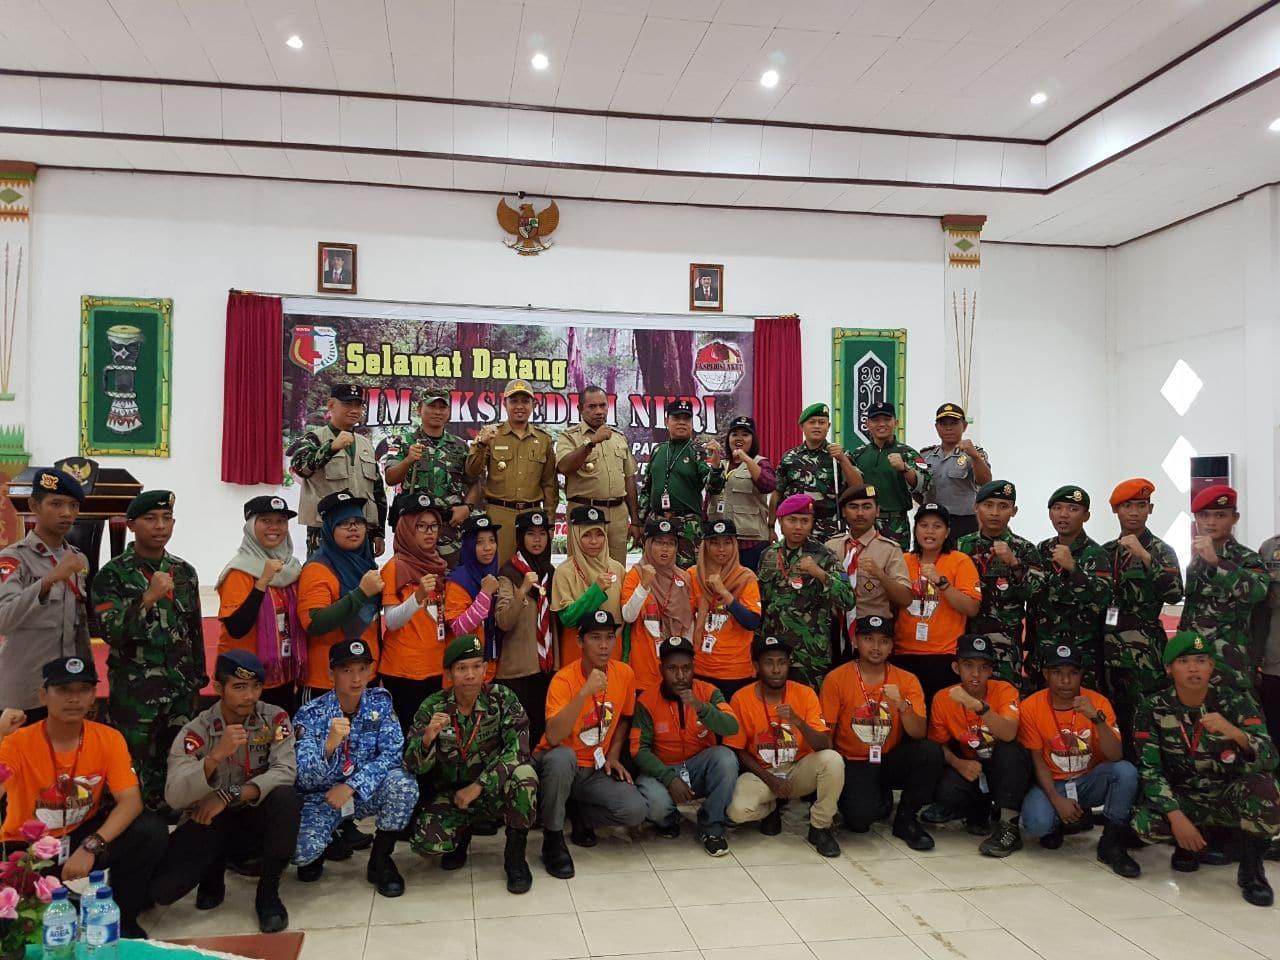 Tarian Oksang Sambut Tim Ekspedisi NKRI 2017 Di Boven Digoel